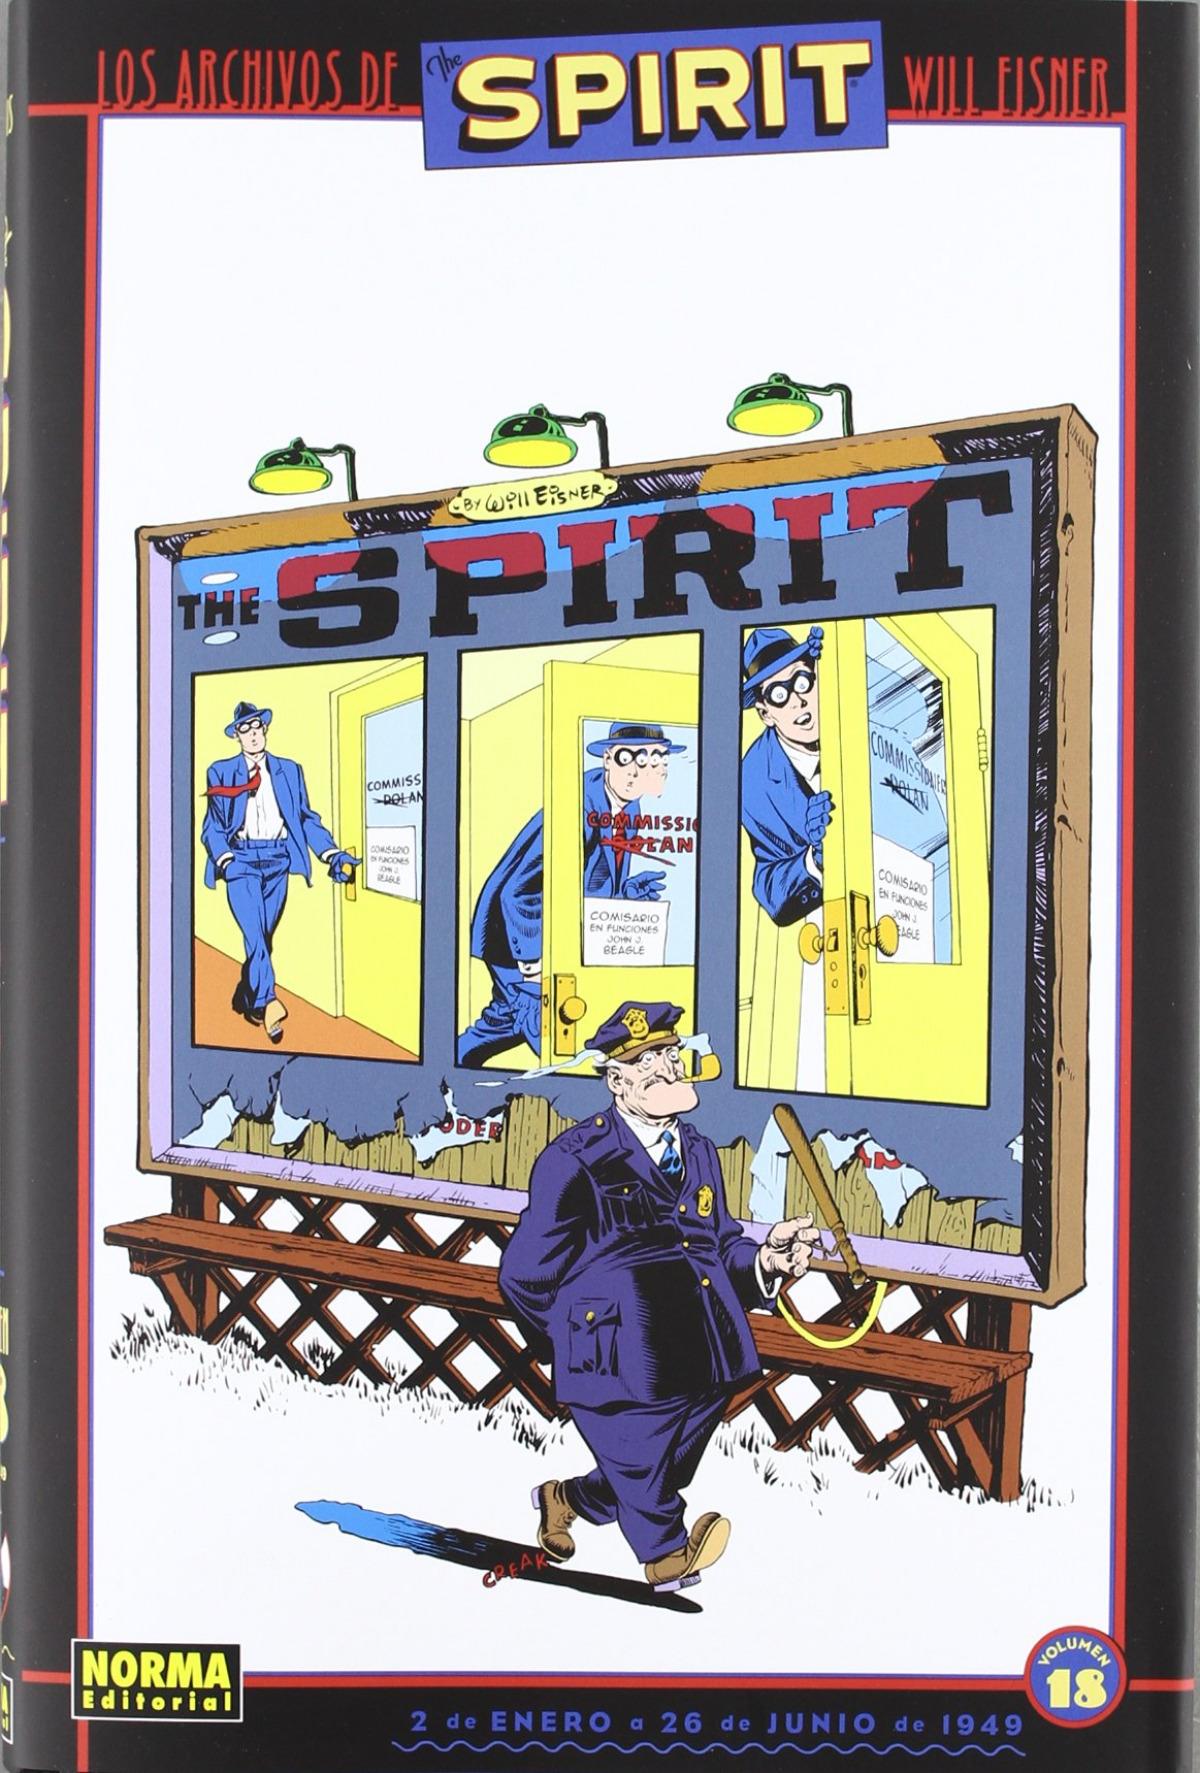 Archivos The Spirit, 18